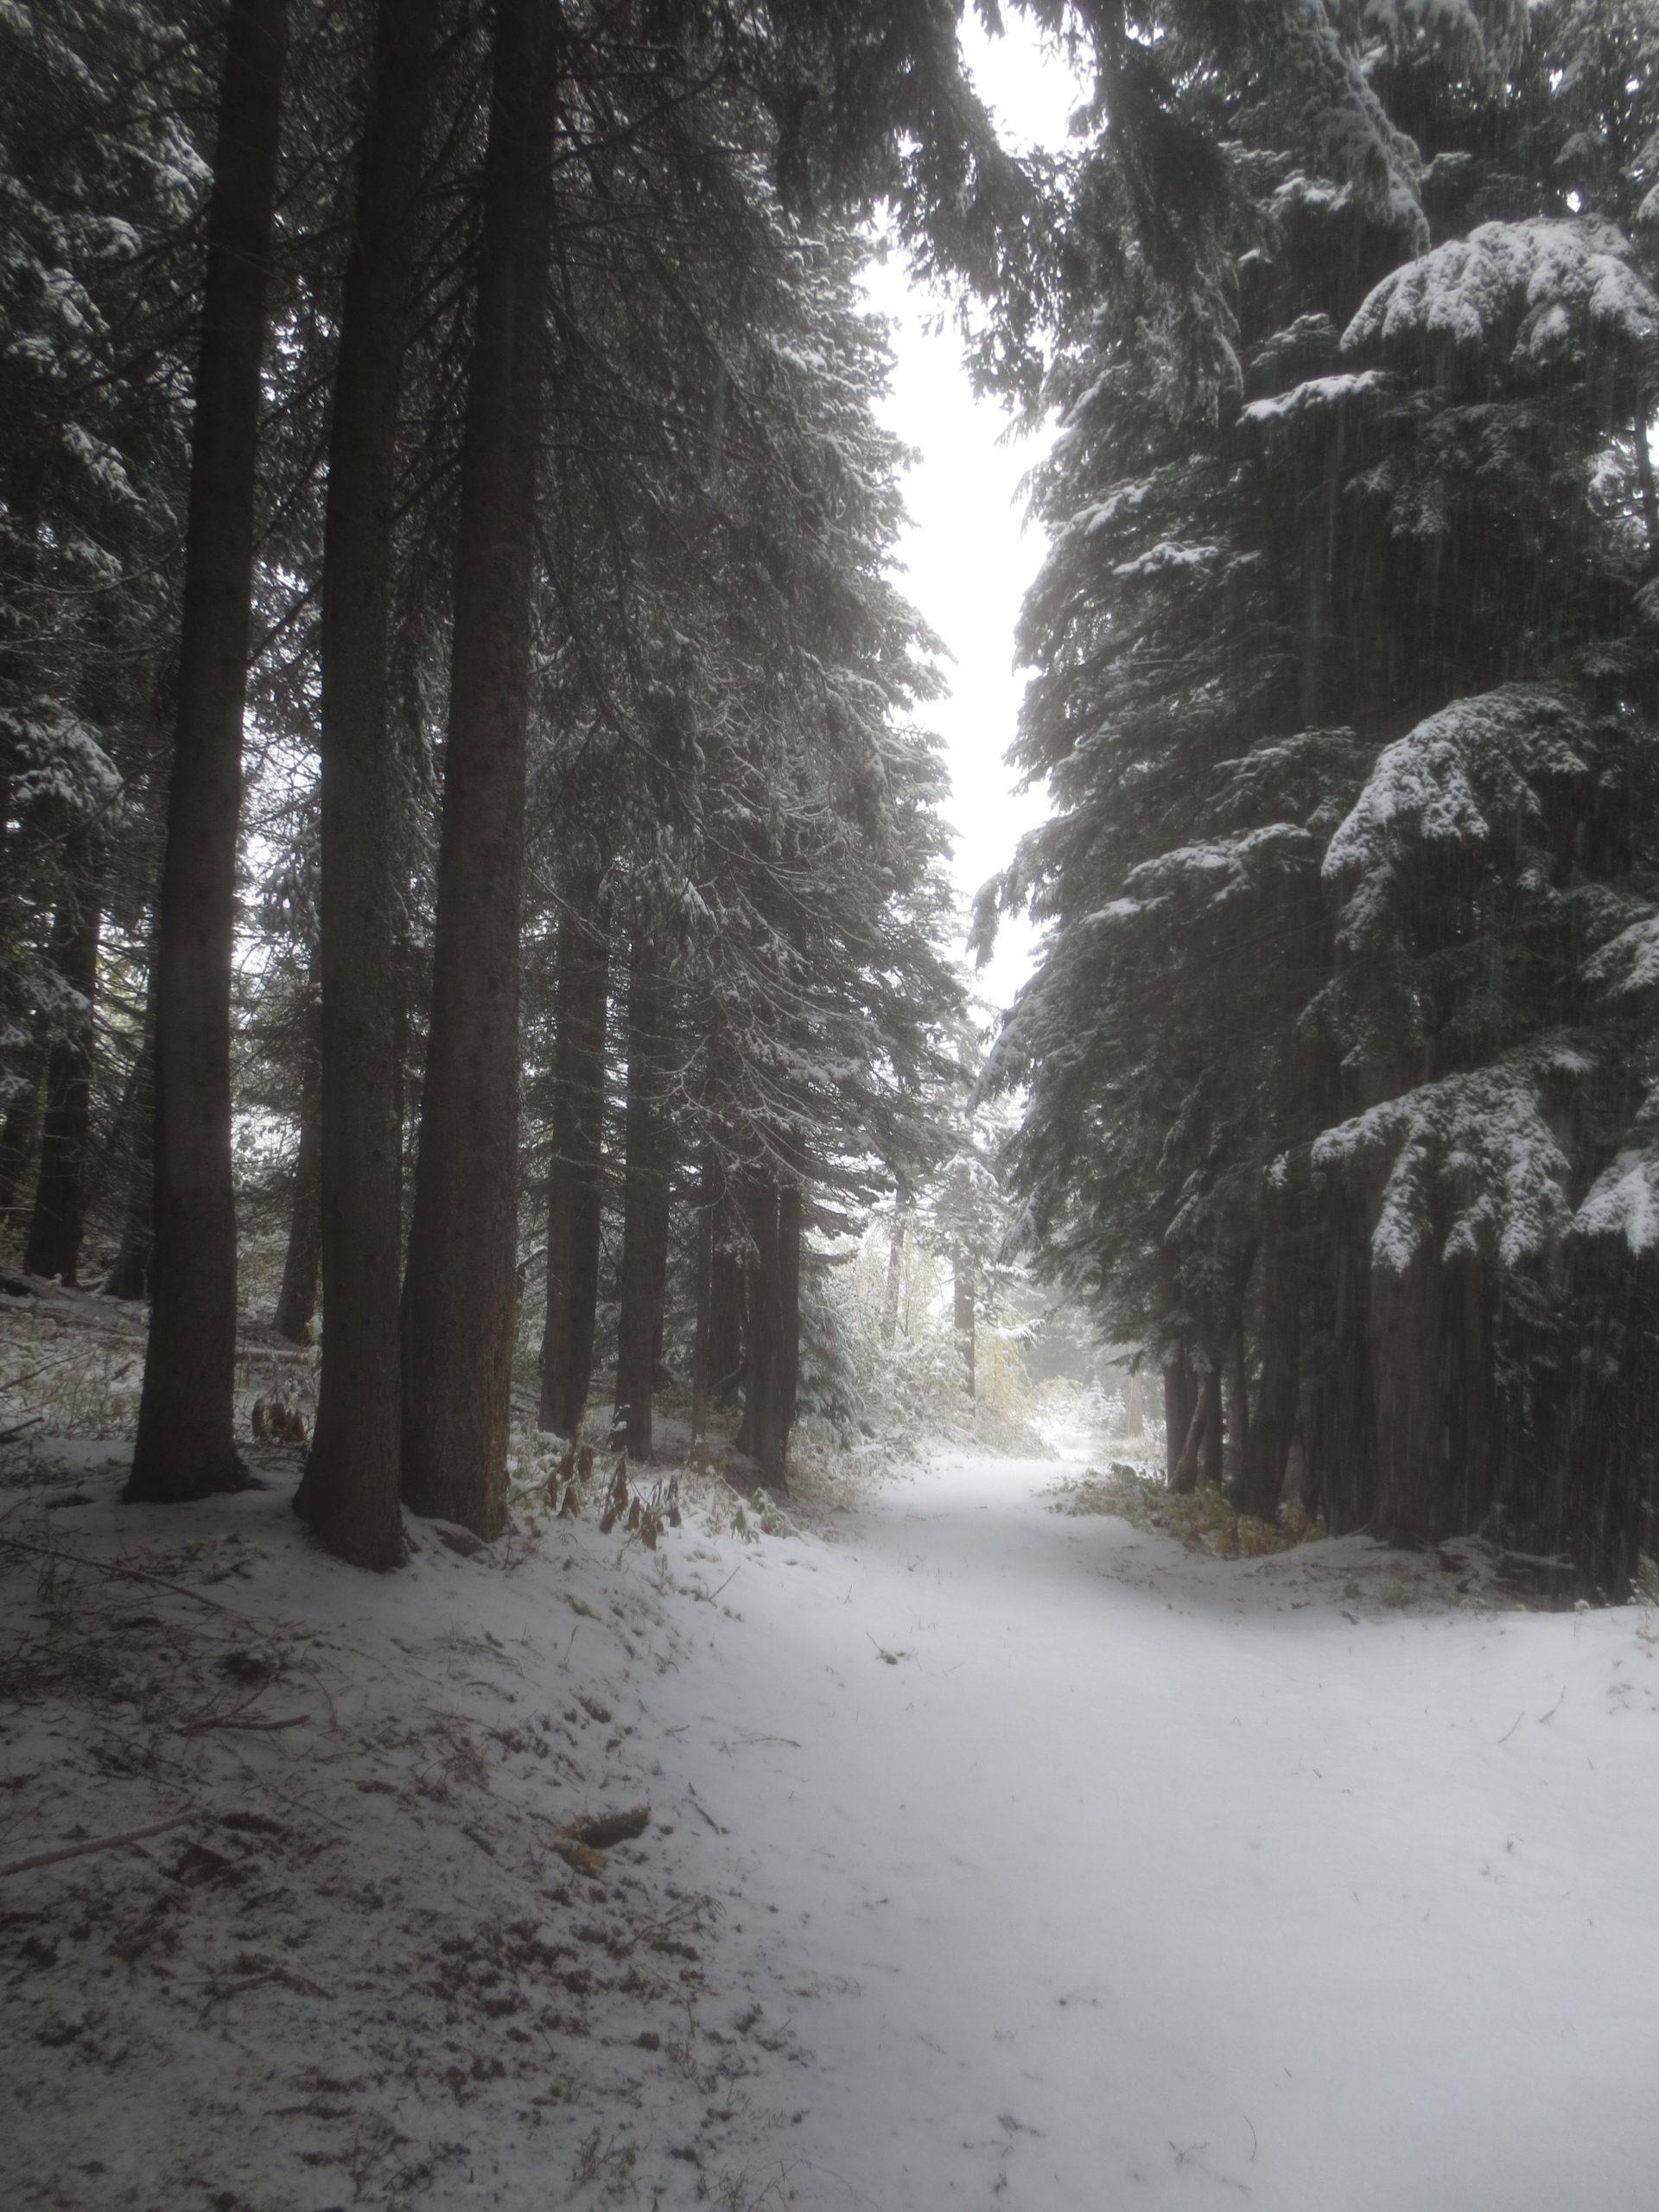 snowy trail through tall pine trees